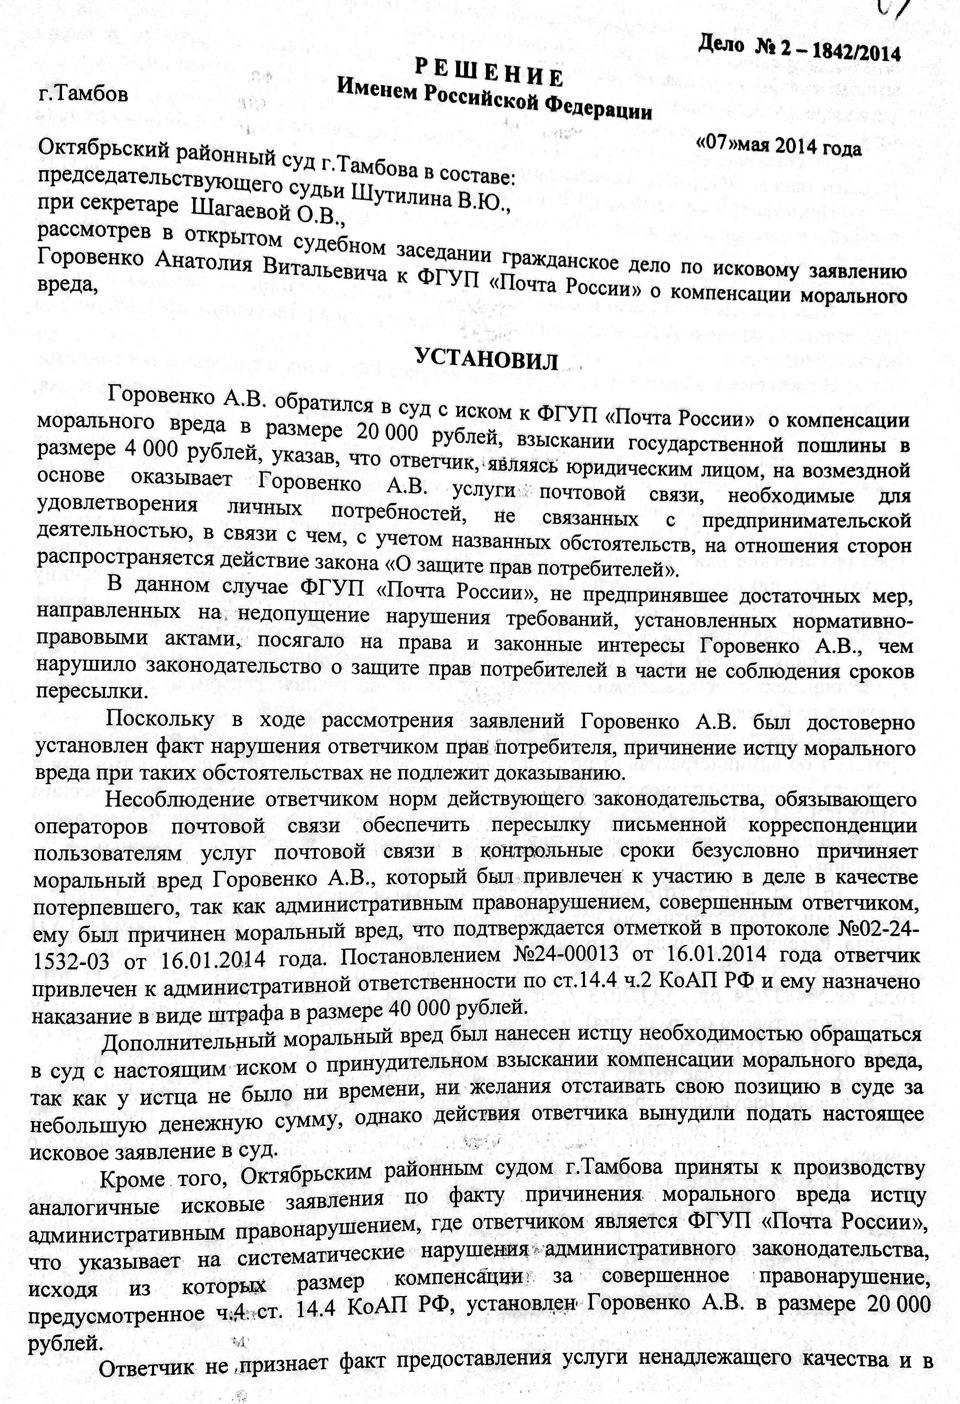 Заявление в Роспотребнадзор